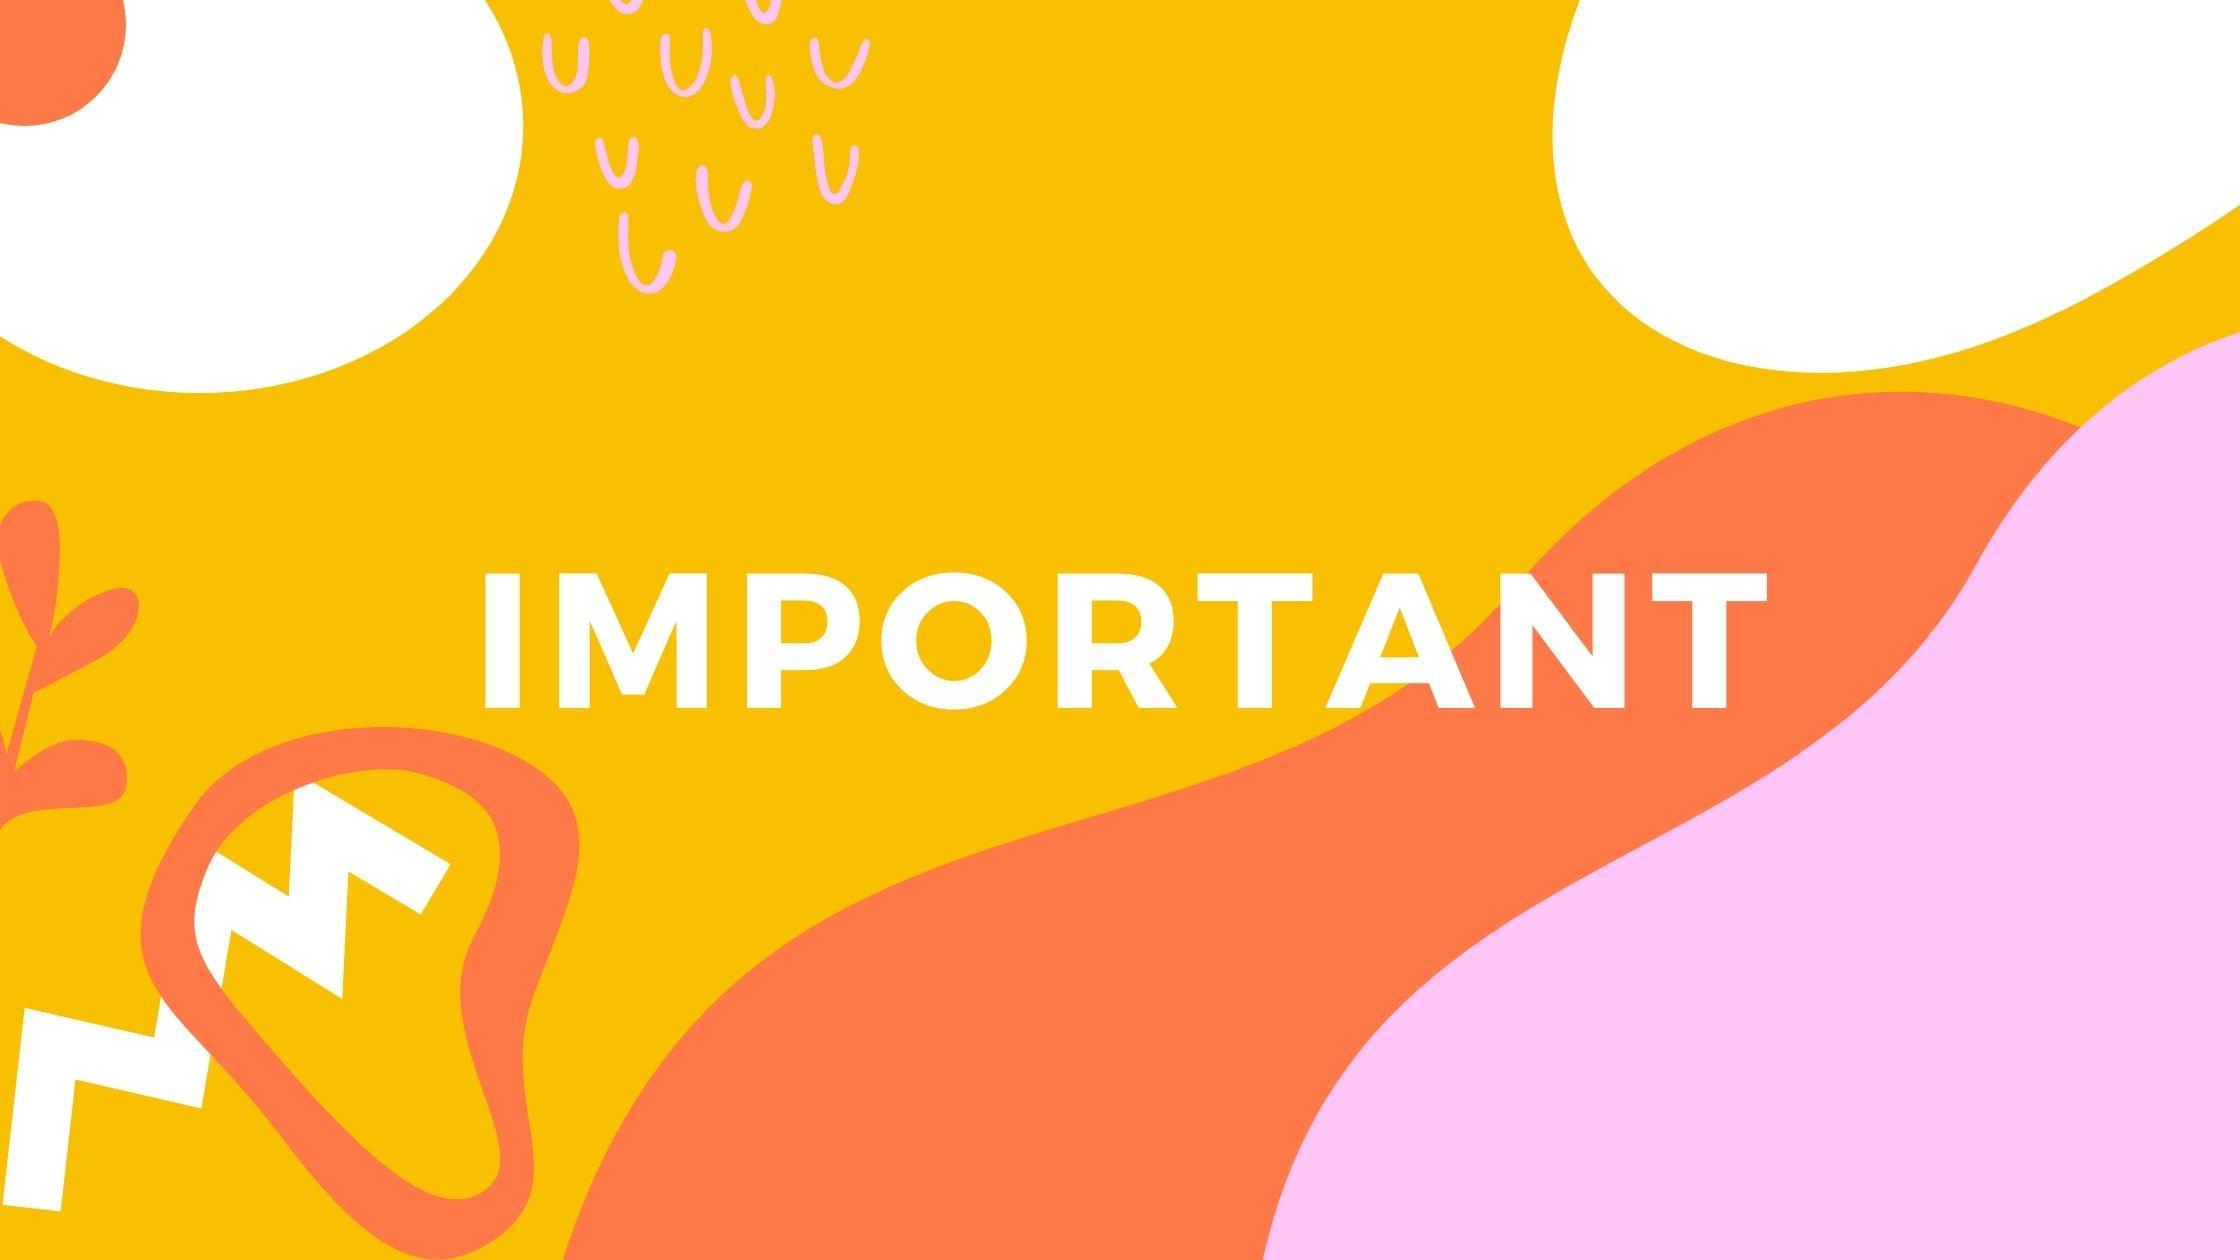 重要(IMPORTANT)